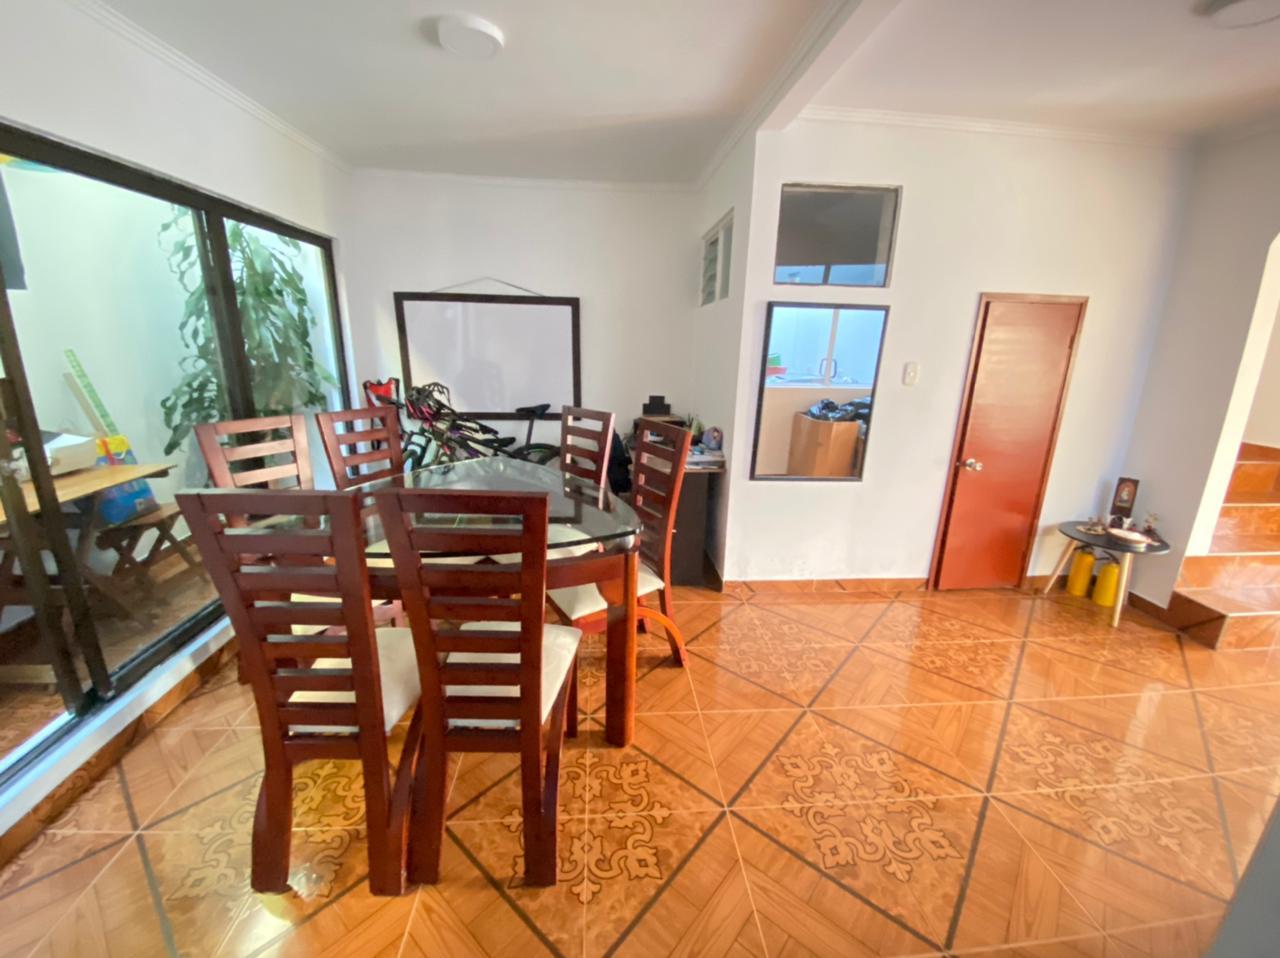 CV-0564 Se vende casa en Chinchiná, en excelente ubicación.